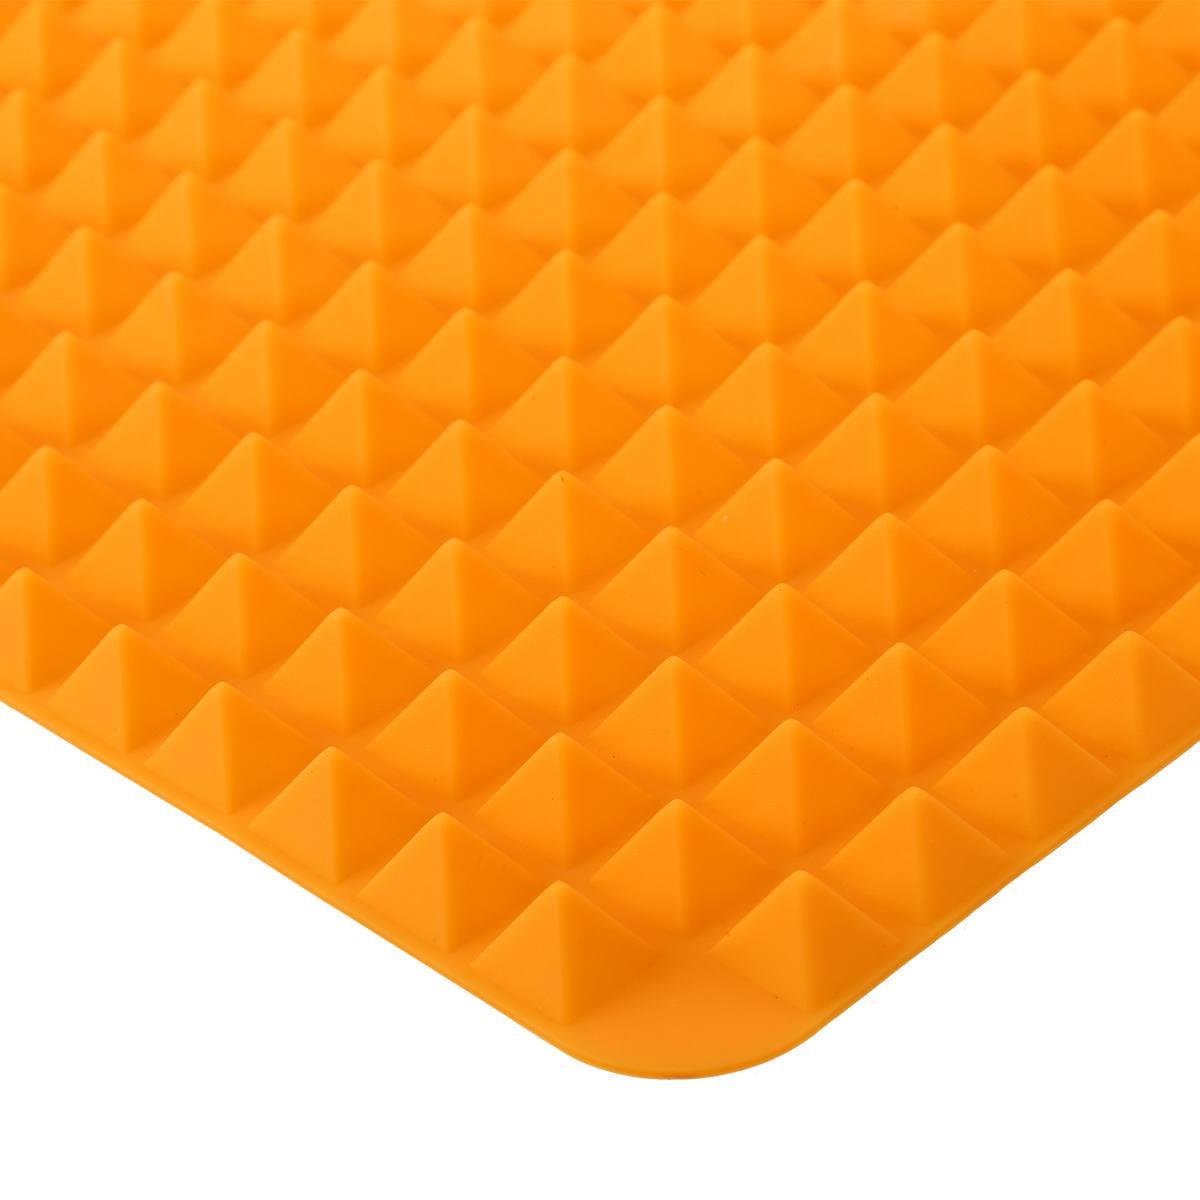 Silikon-Antihaft-gesunde-Kochen-Backmatte-mit-Pyramide-Oberflaeche-16-Zoll-F5L9 Indexbild 7